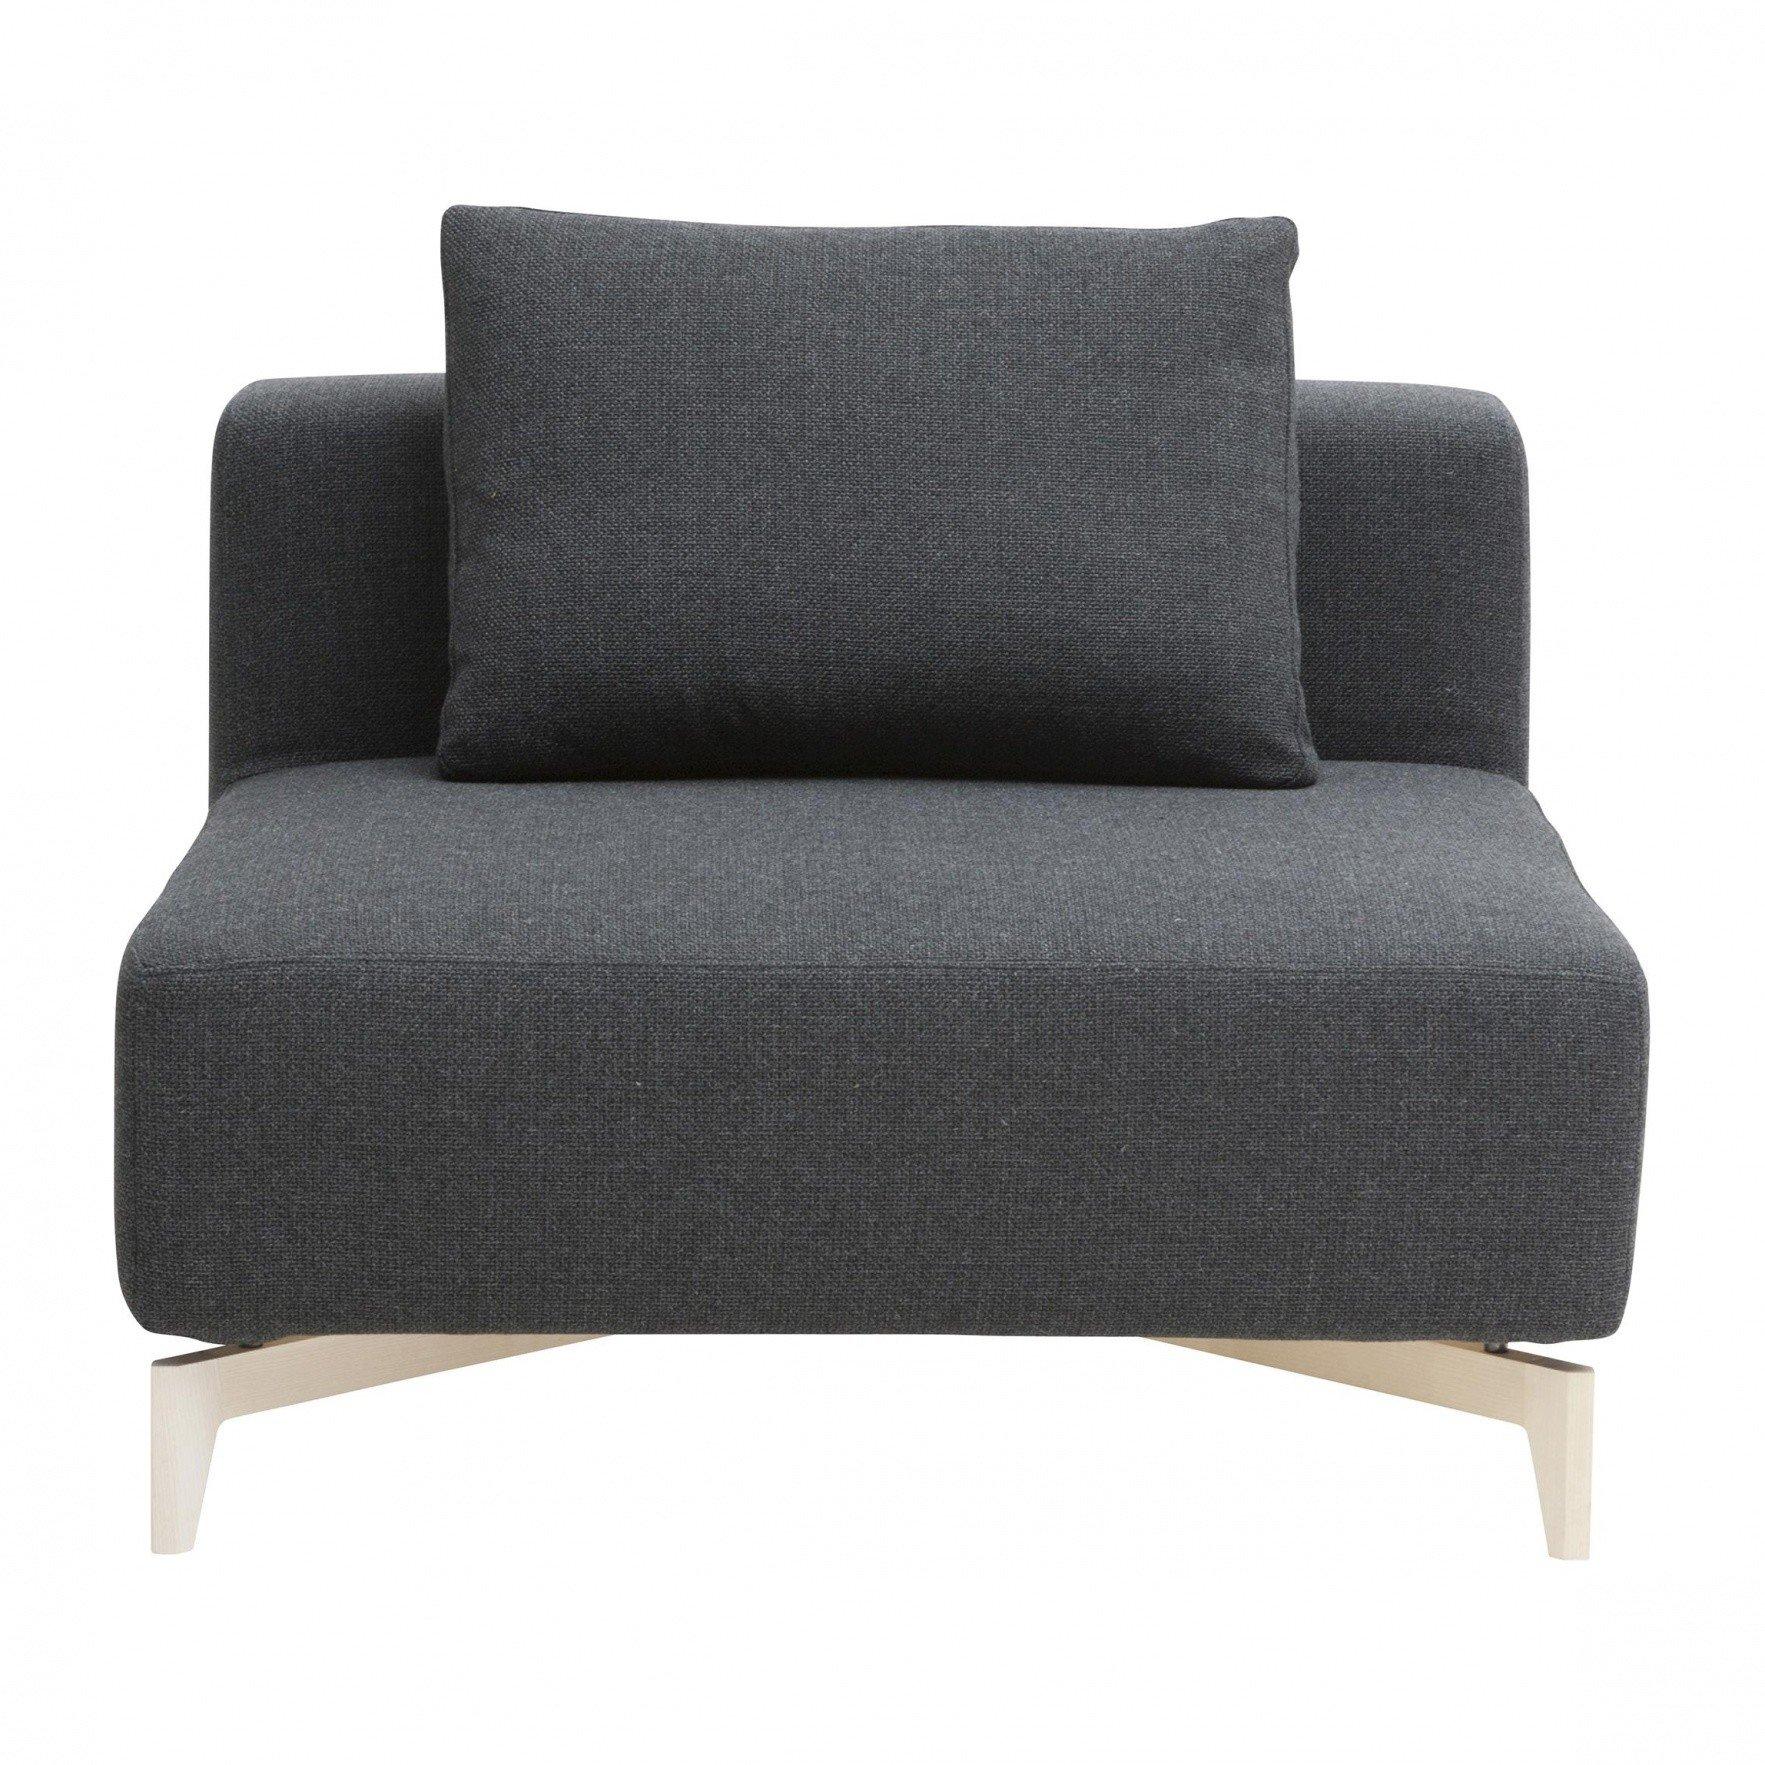 Künstlerisch Couch Dunkelgrau Sammlung Von Softline - Passion Sofa-einzelelement 98x98cm - Dunkelgrau/stoff